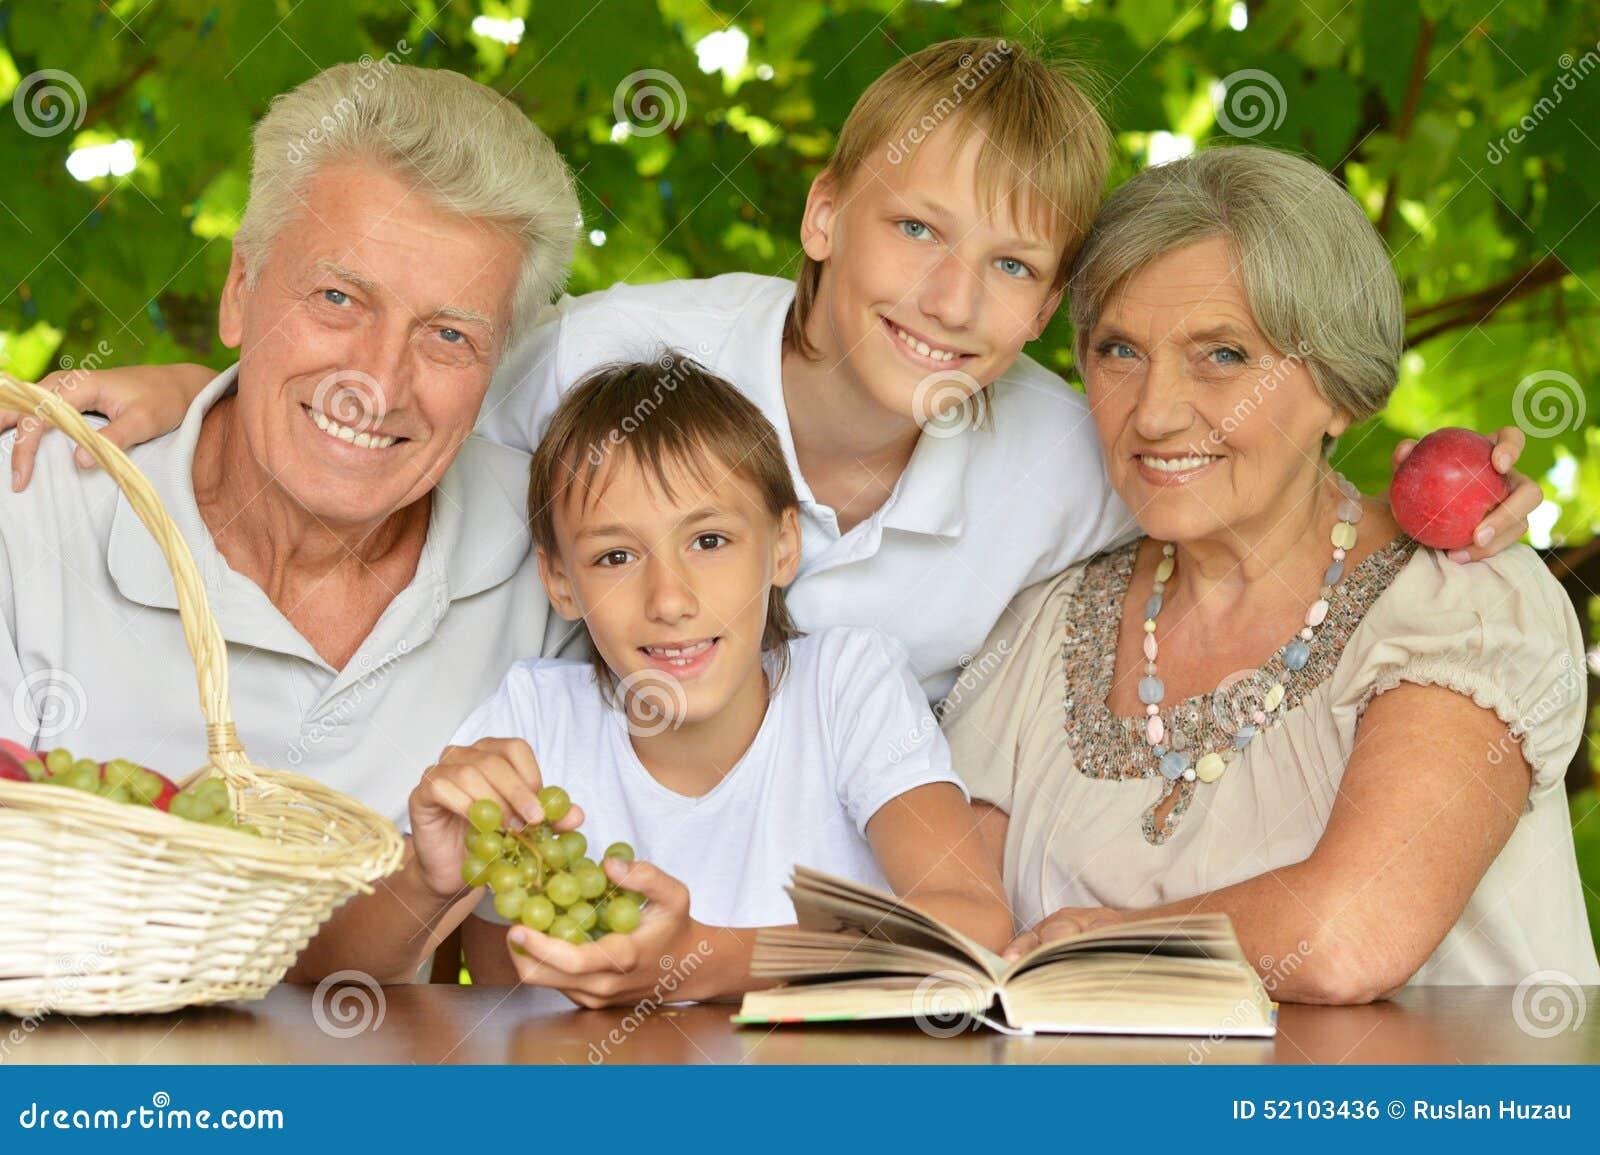 Grootouders met kleinzonen